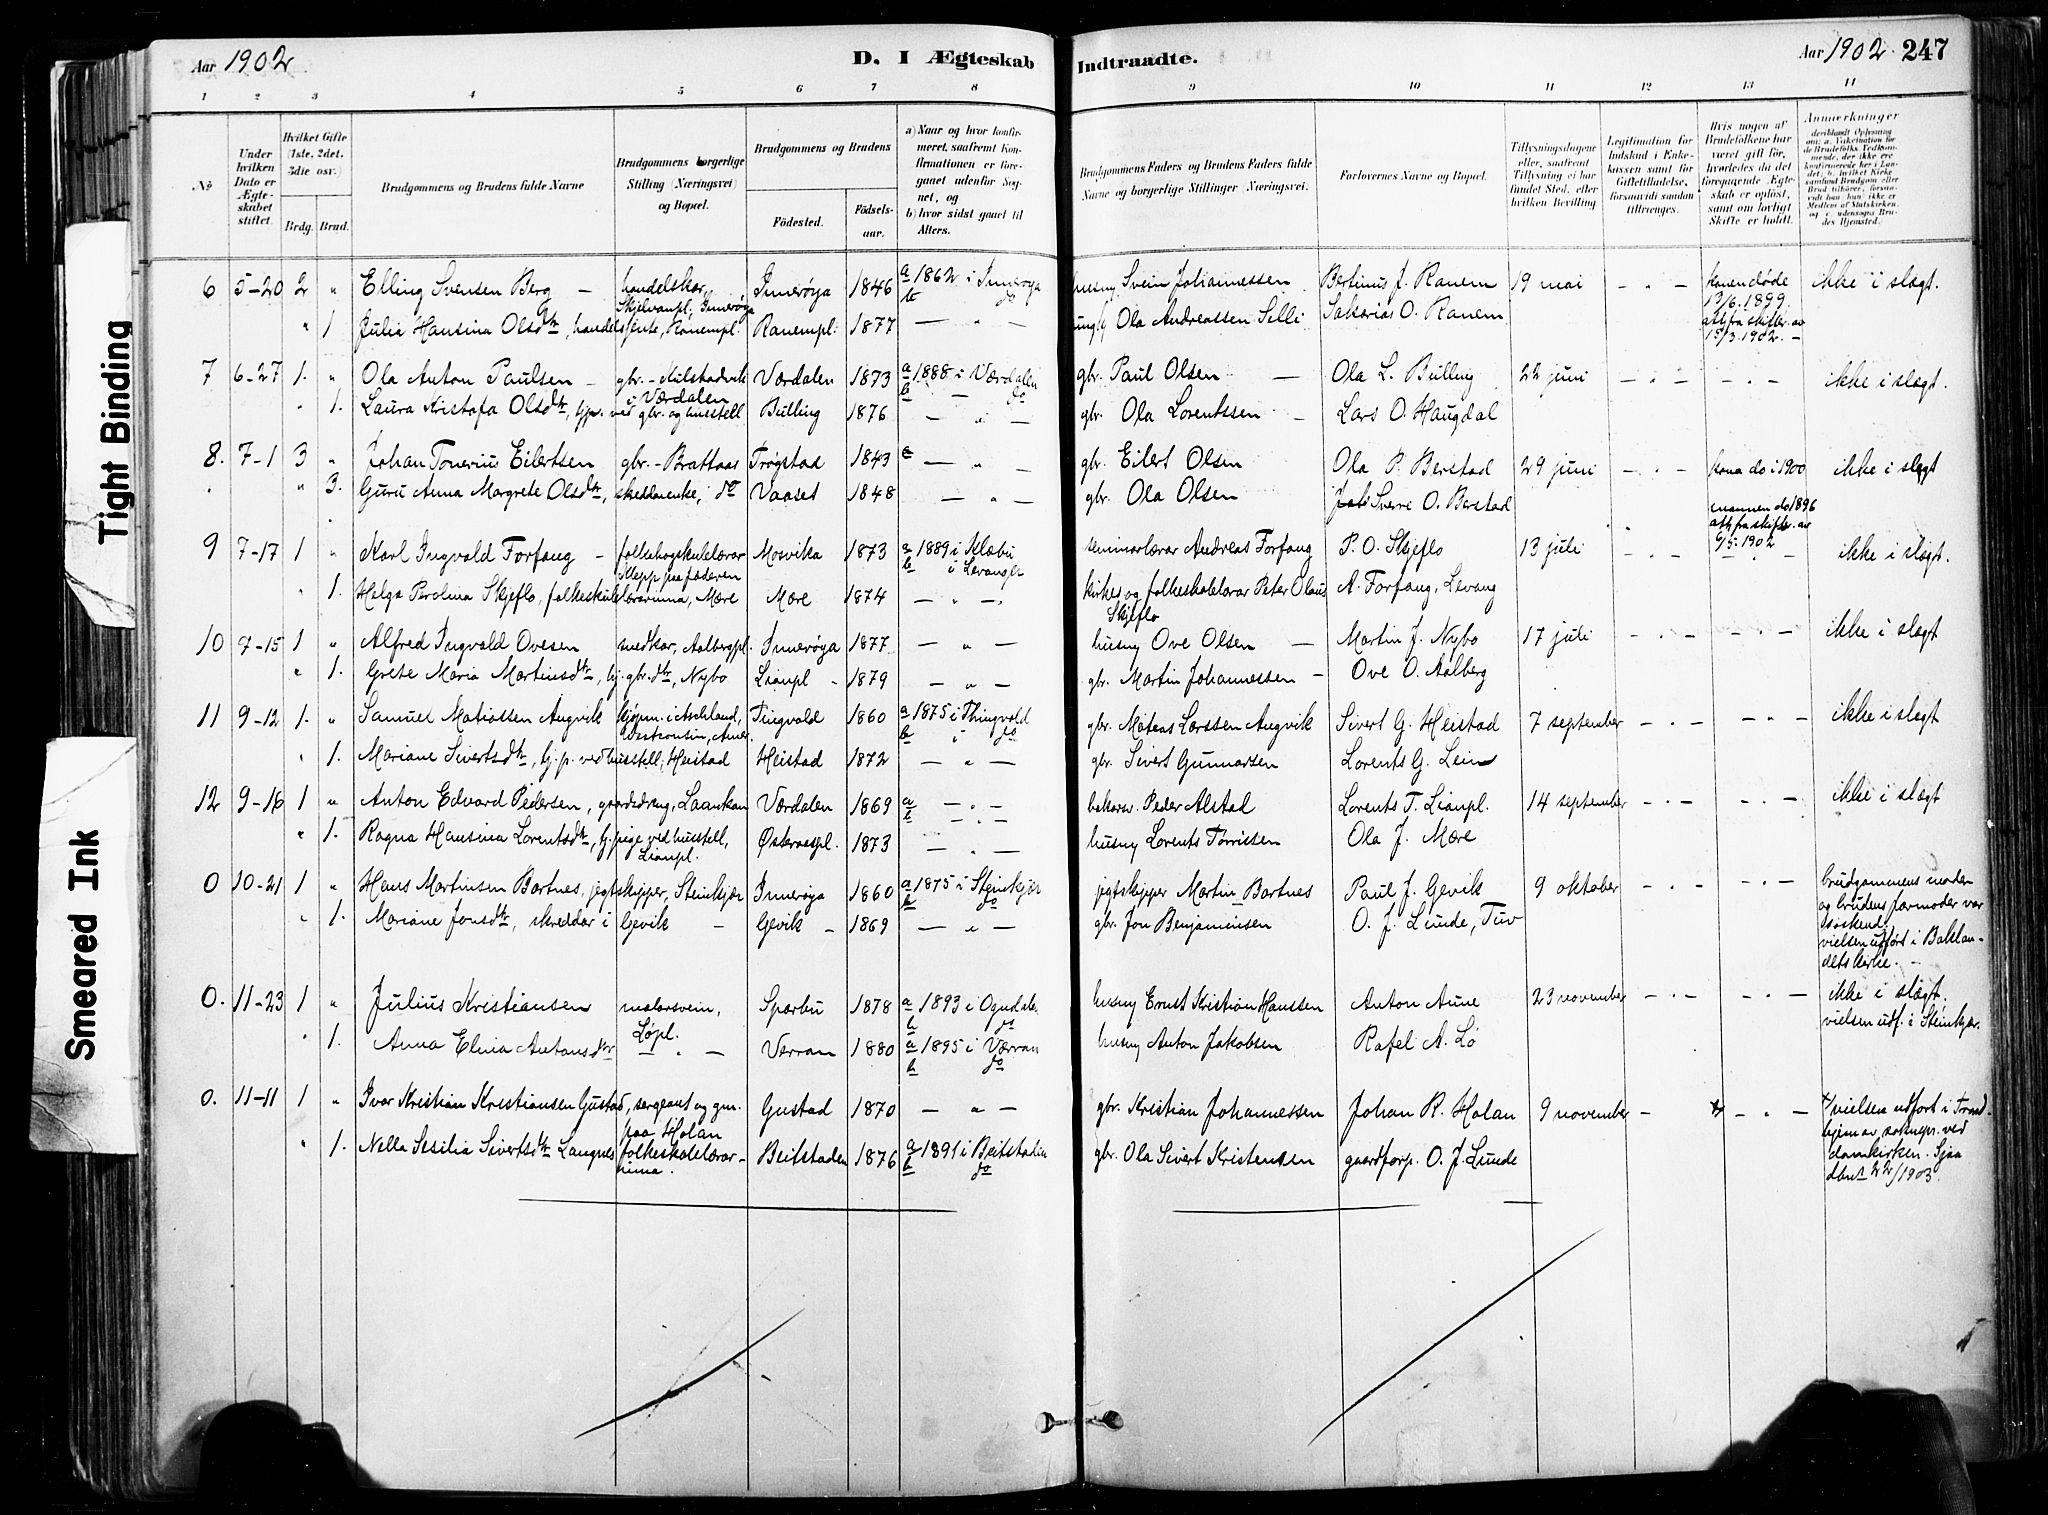 SAT, Ministerialprotokoller, klokkerbøker og fødselsregistre - Nord-Trøndelag, 735/L0351: Ministerialbok nr. 735A10, 1884-1908, s. 247